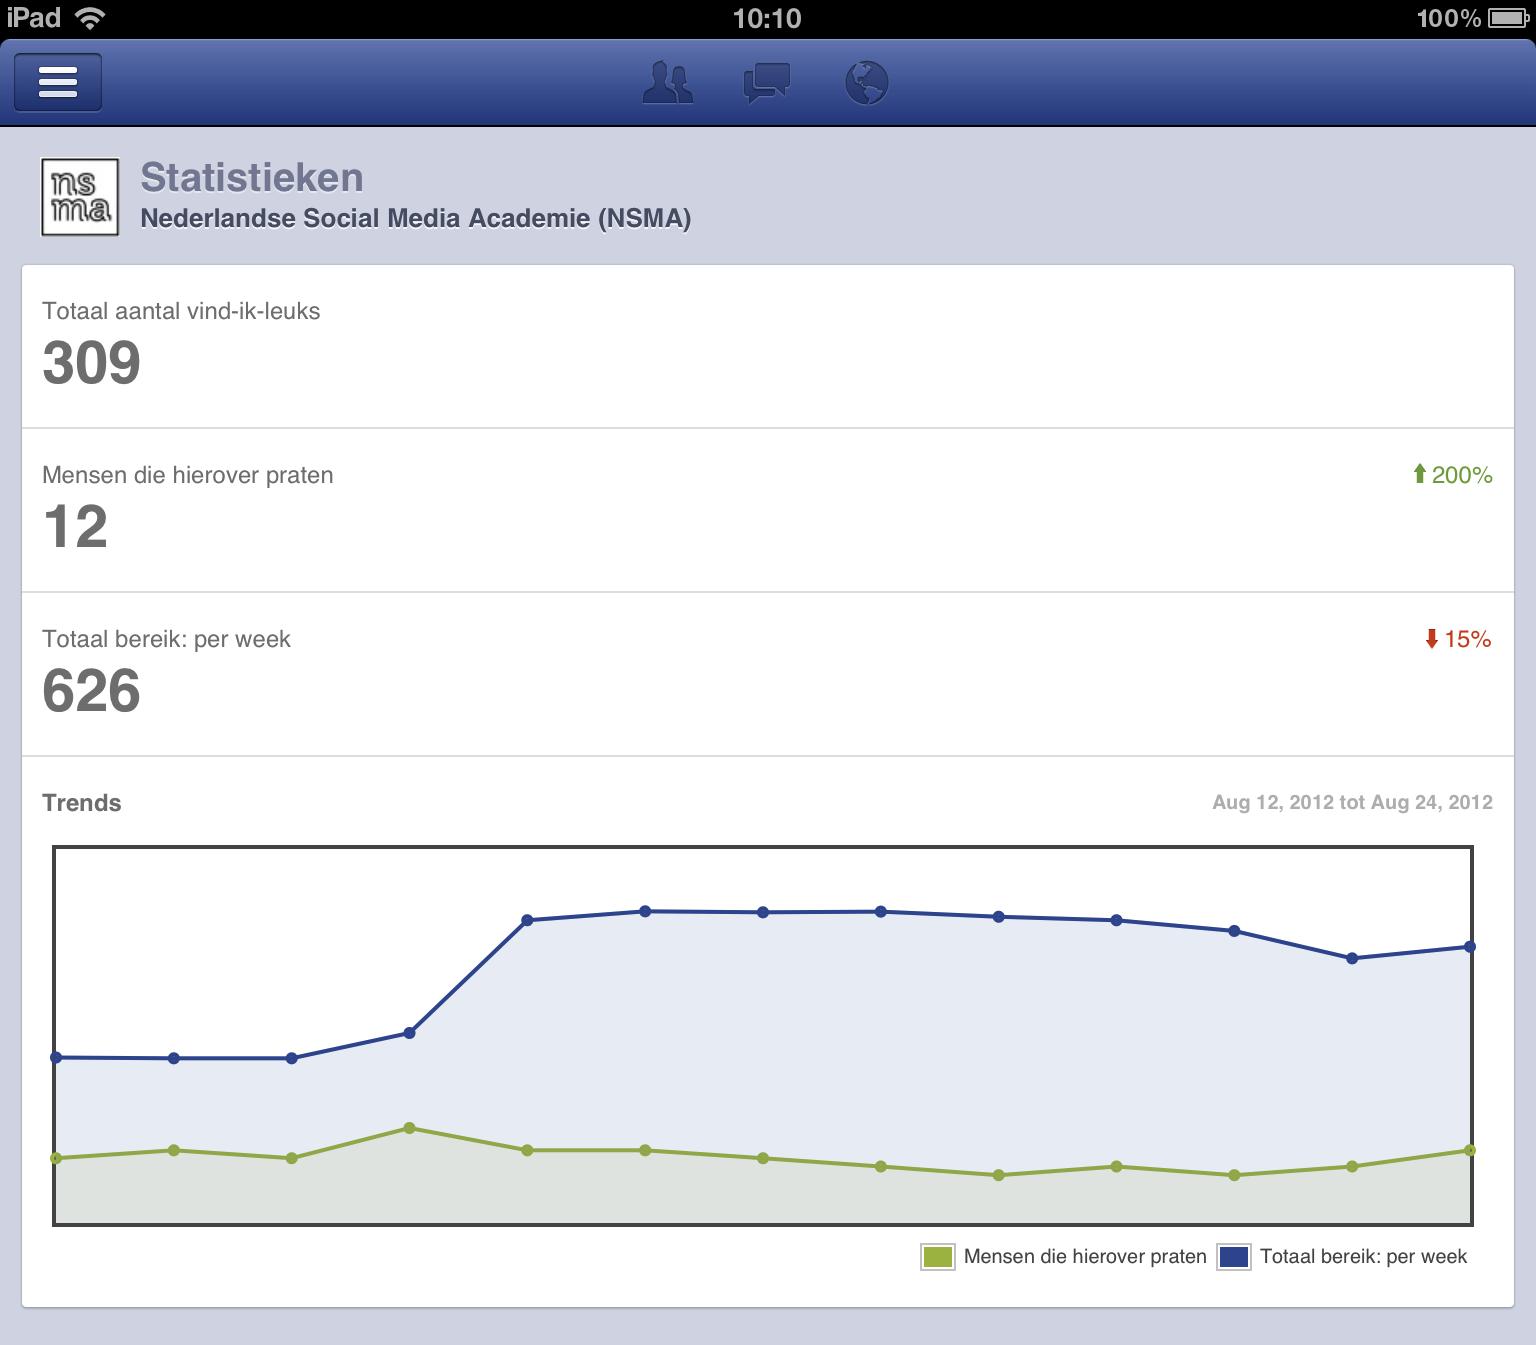 De statistieken bekijken van de bedrijfspagina in de applicatie